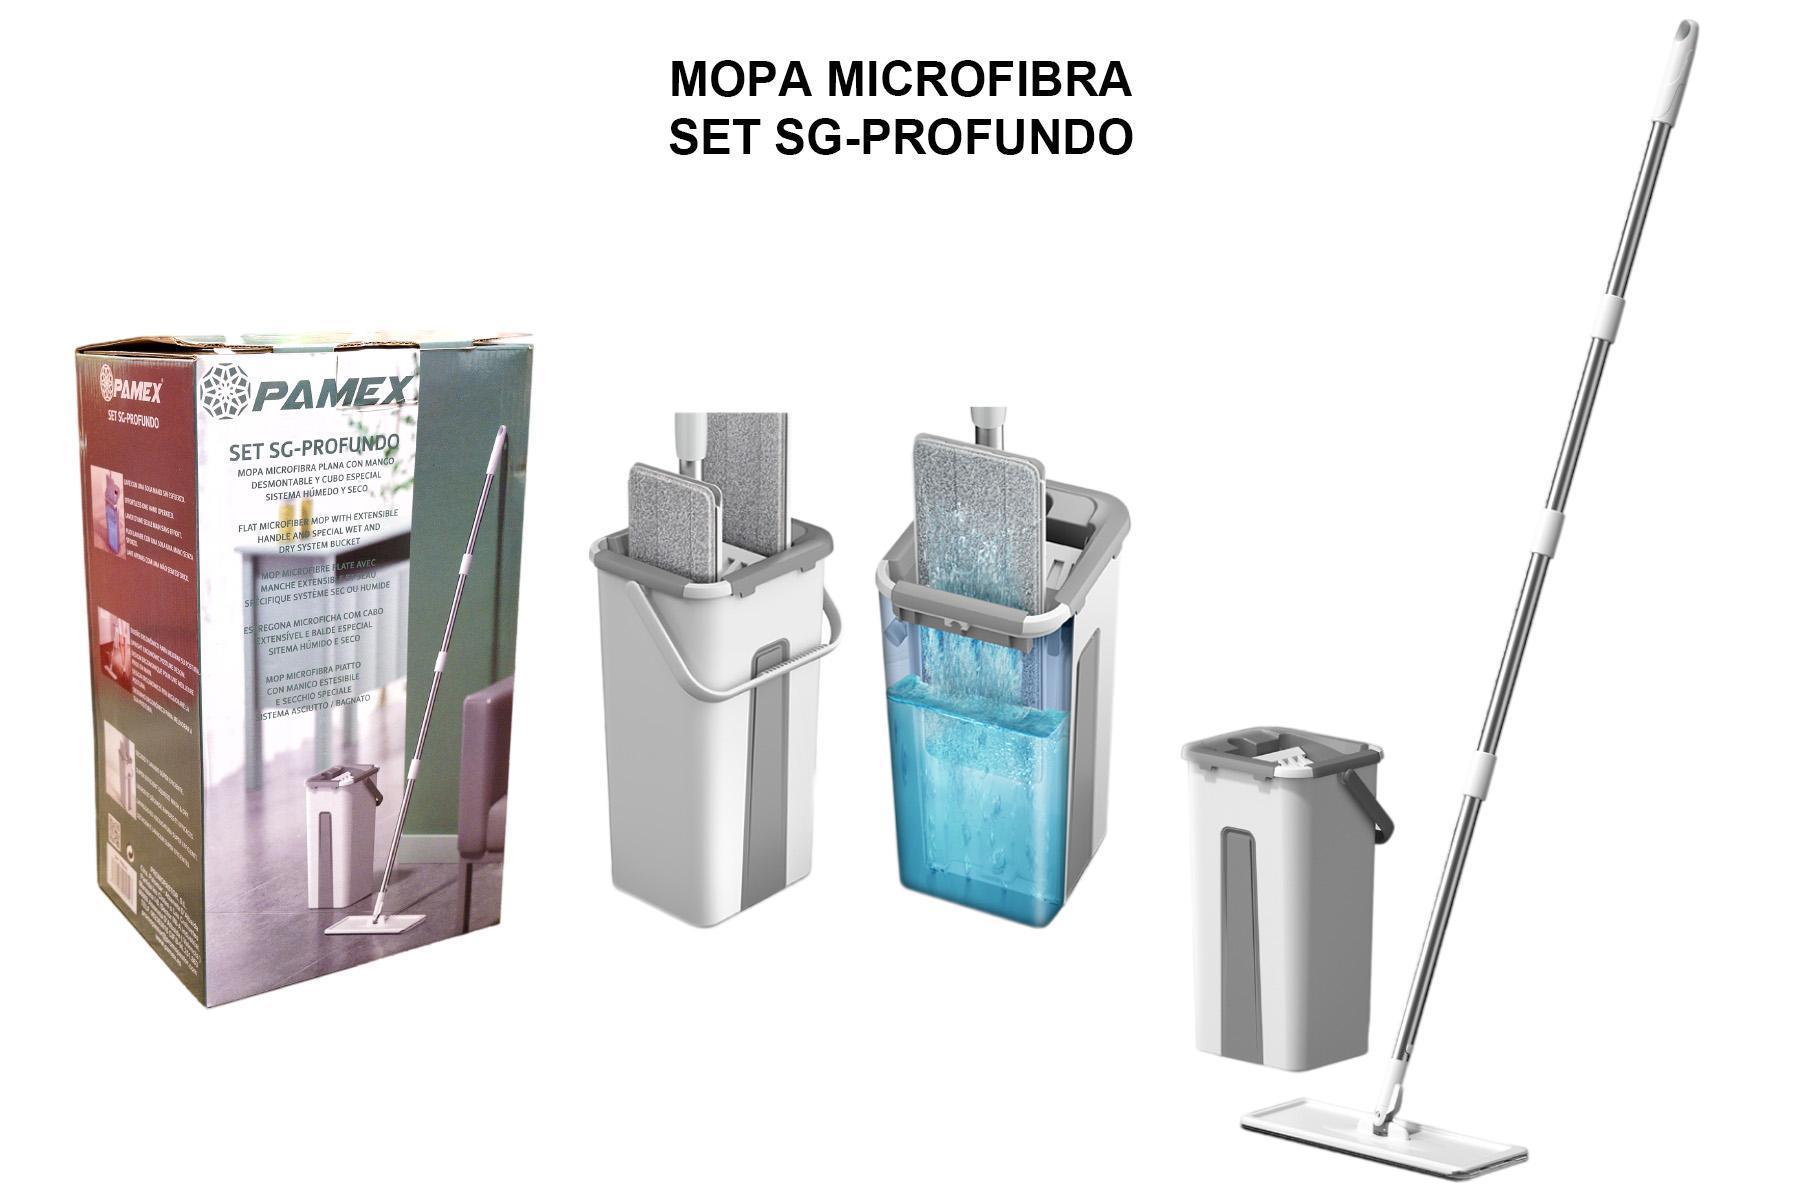 MOPA MICROFIBRA SET SG-PROFUNDO